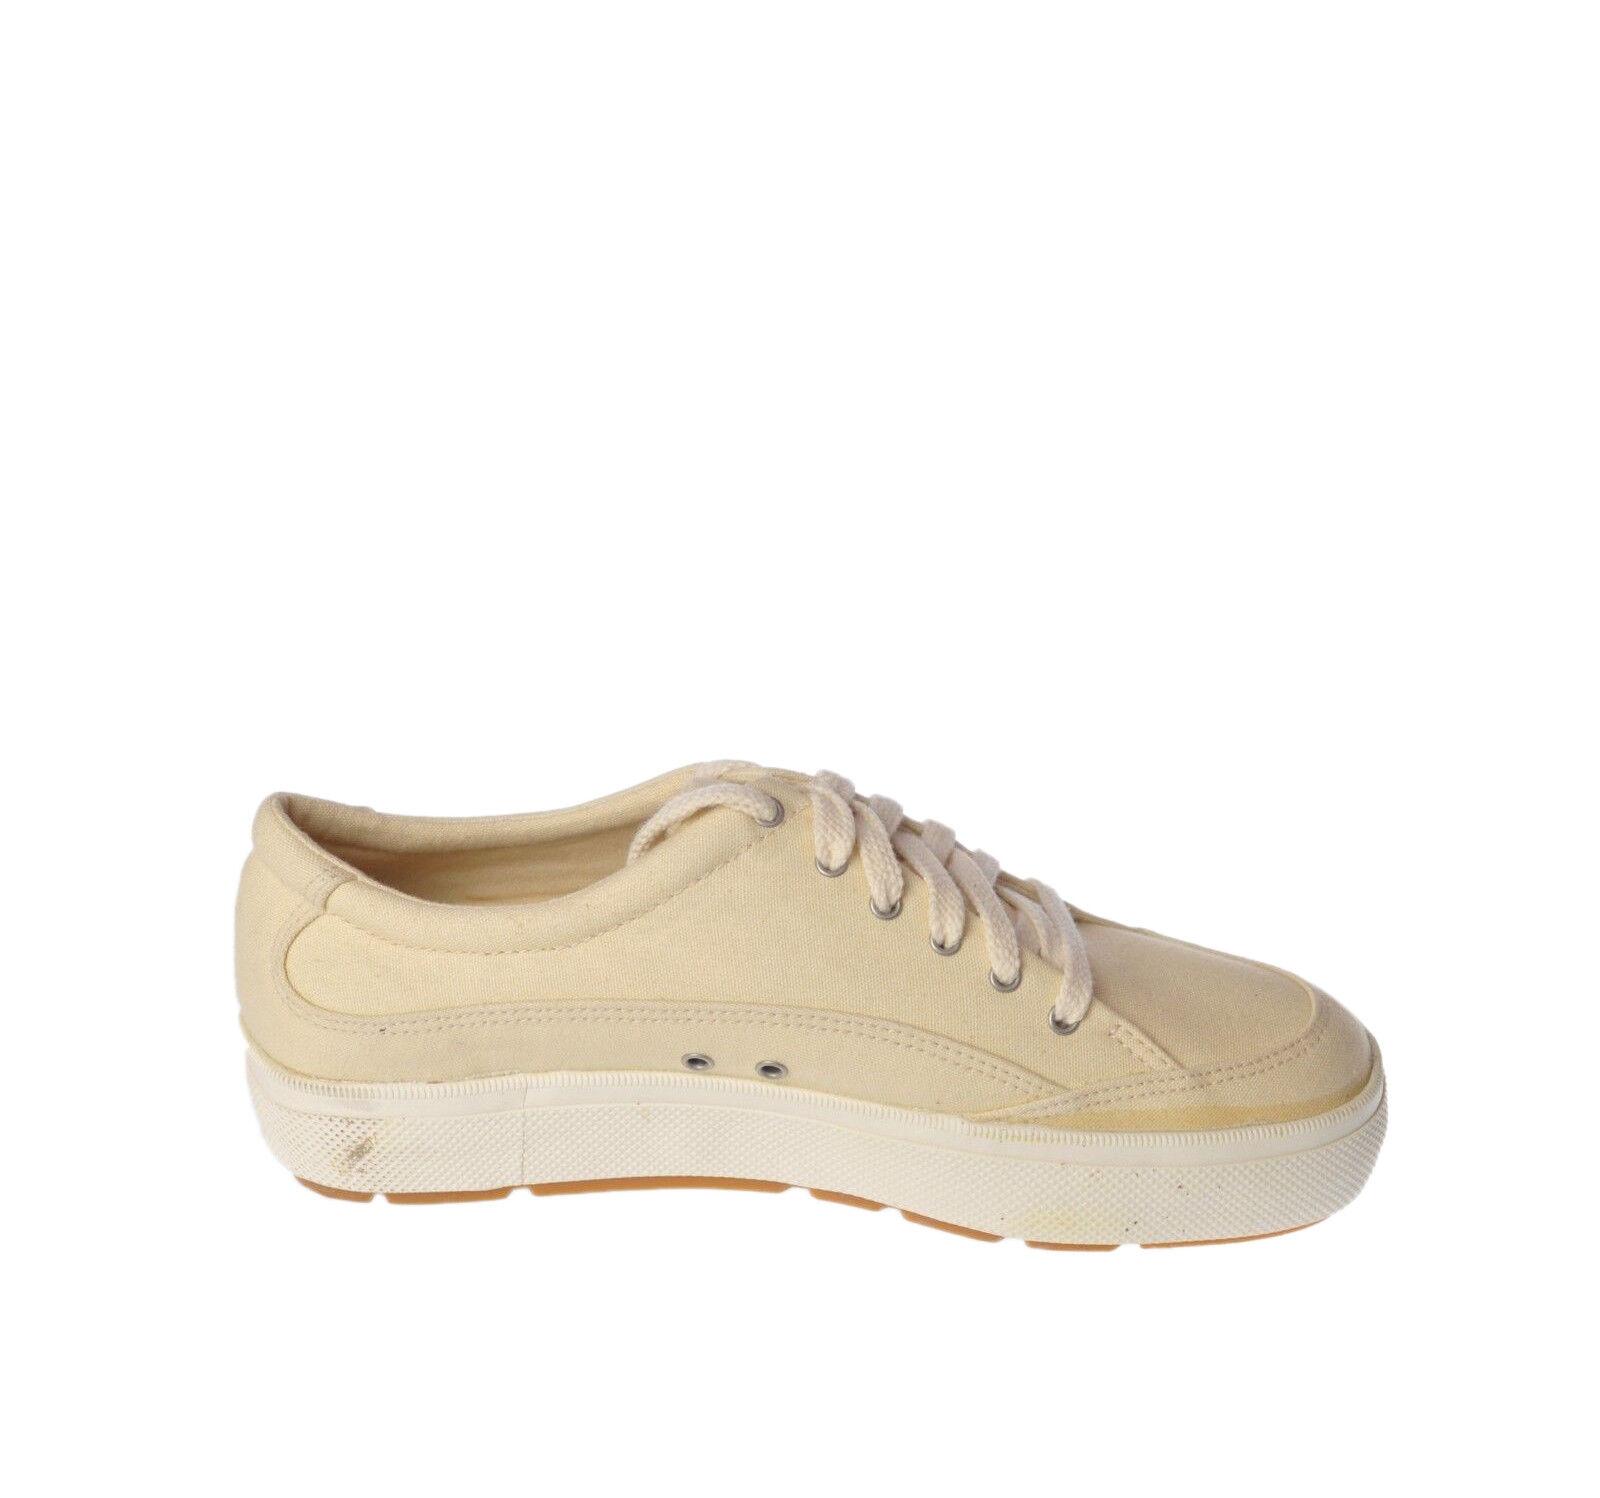 Barleycorn-Zapatos-Zapatillas De Baja Mujer-blancoo - 5144320C183531